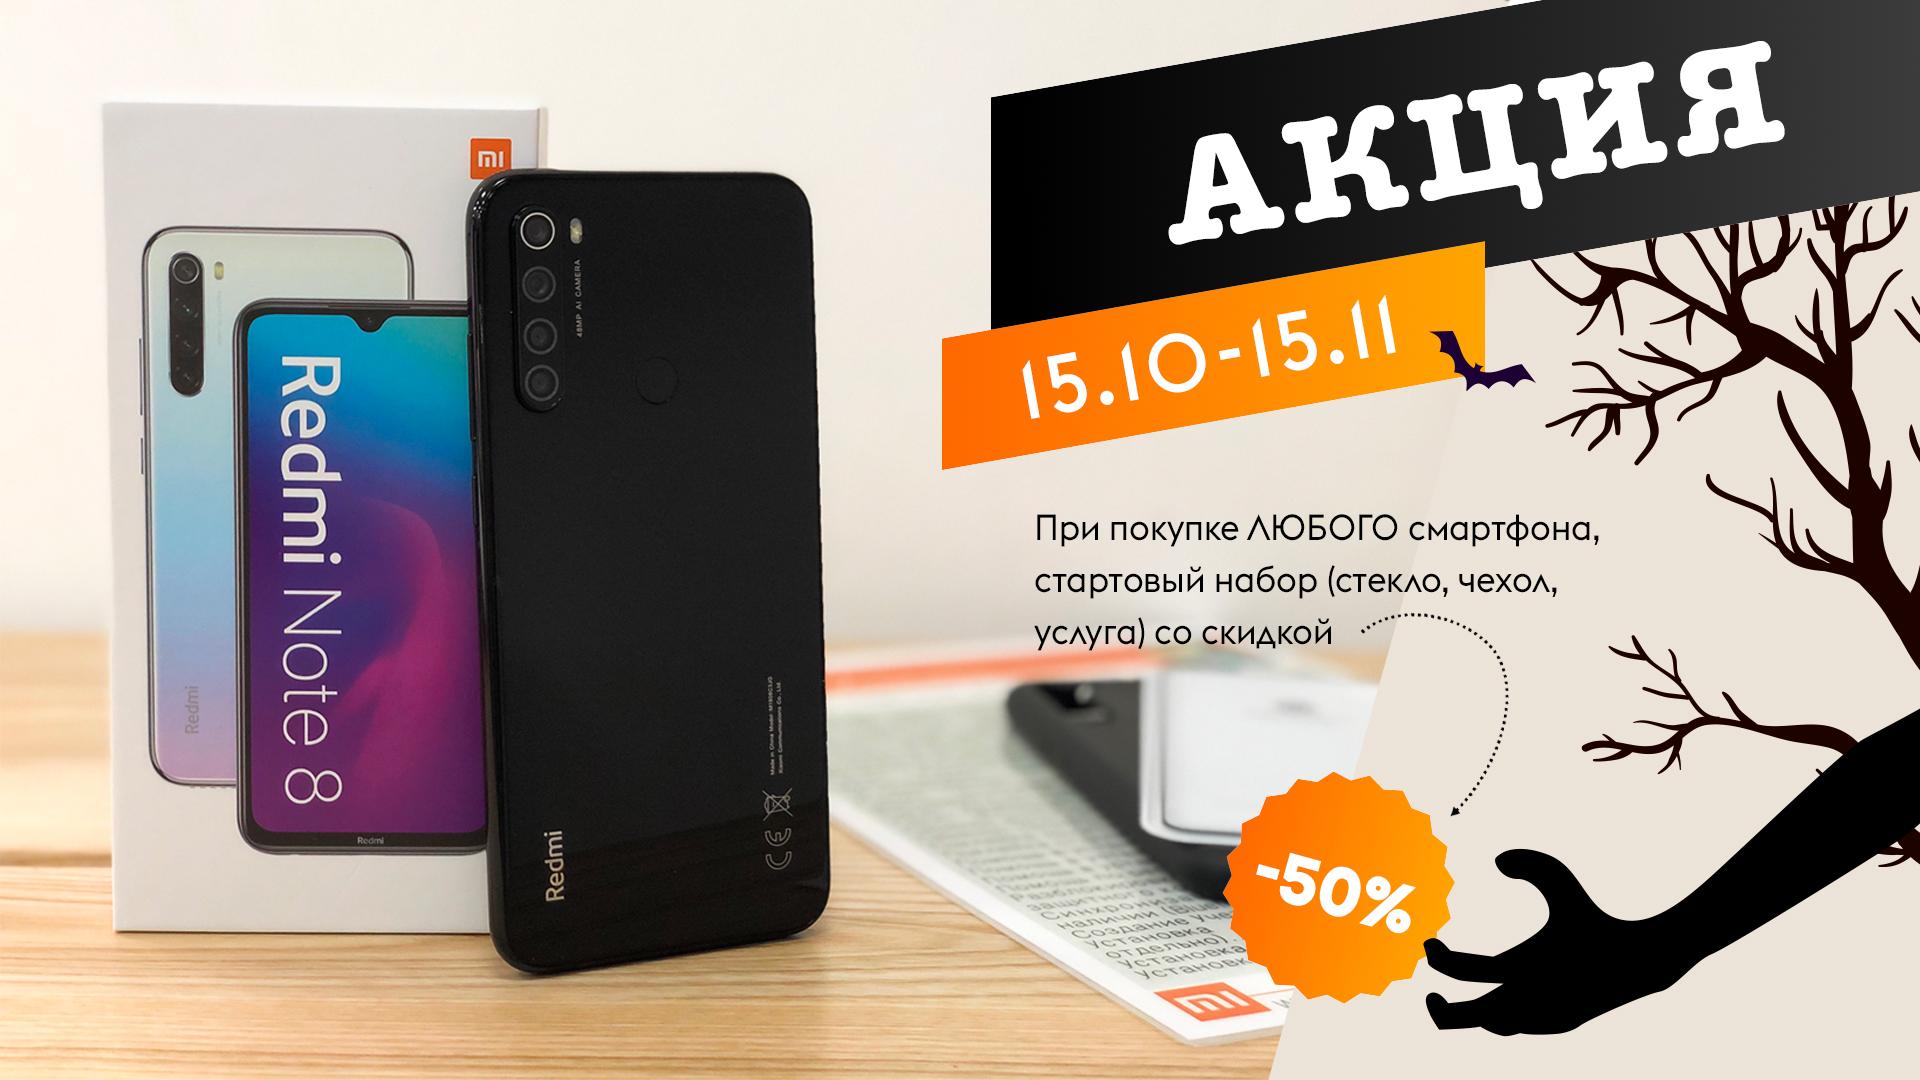 Акция - при покупке любого смартфона с 15.10 до 15.11